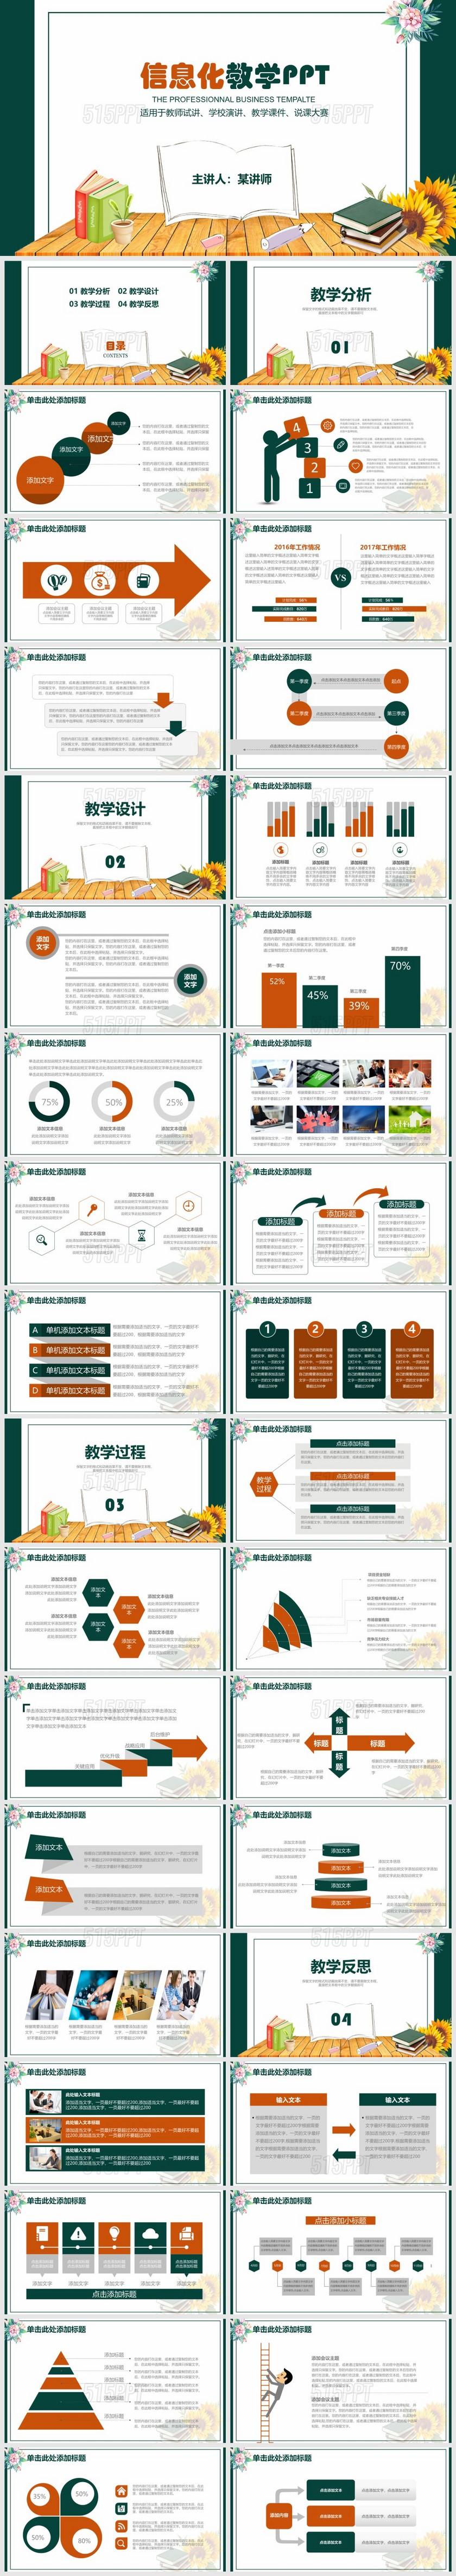 创意教育教学课件动态说课PPT模板